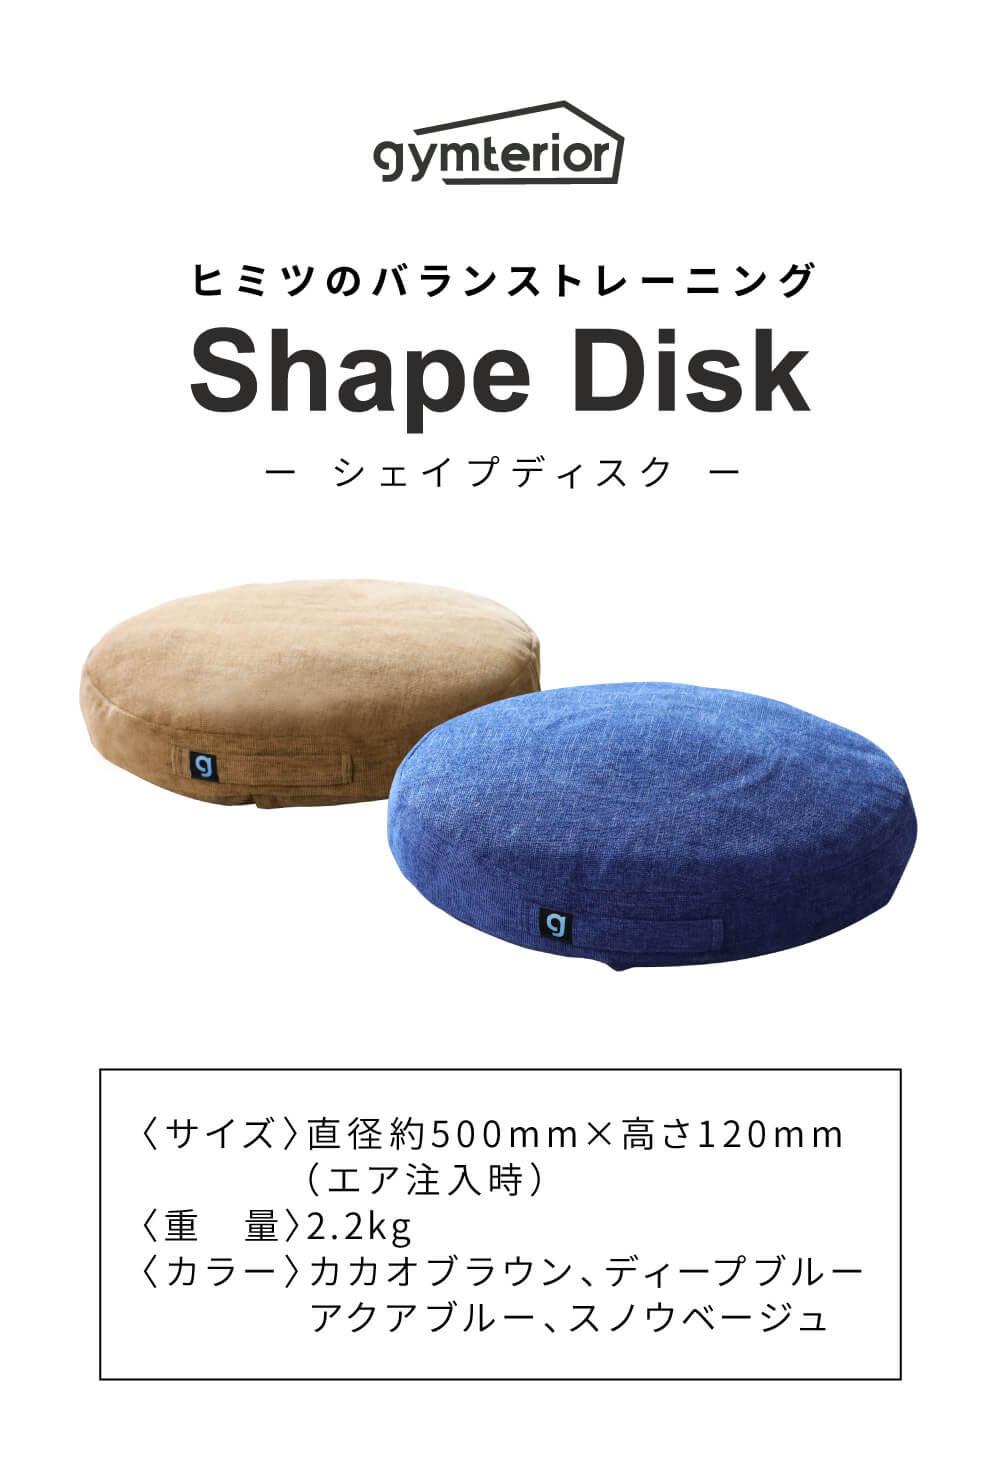 シェイプディスク商品詳細